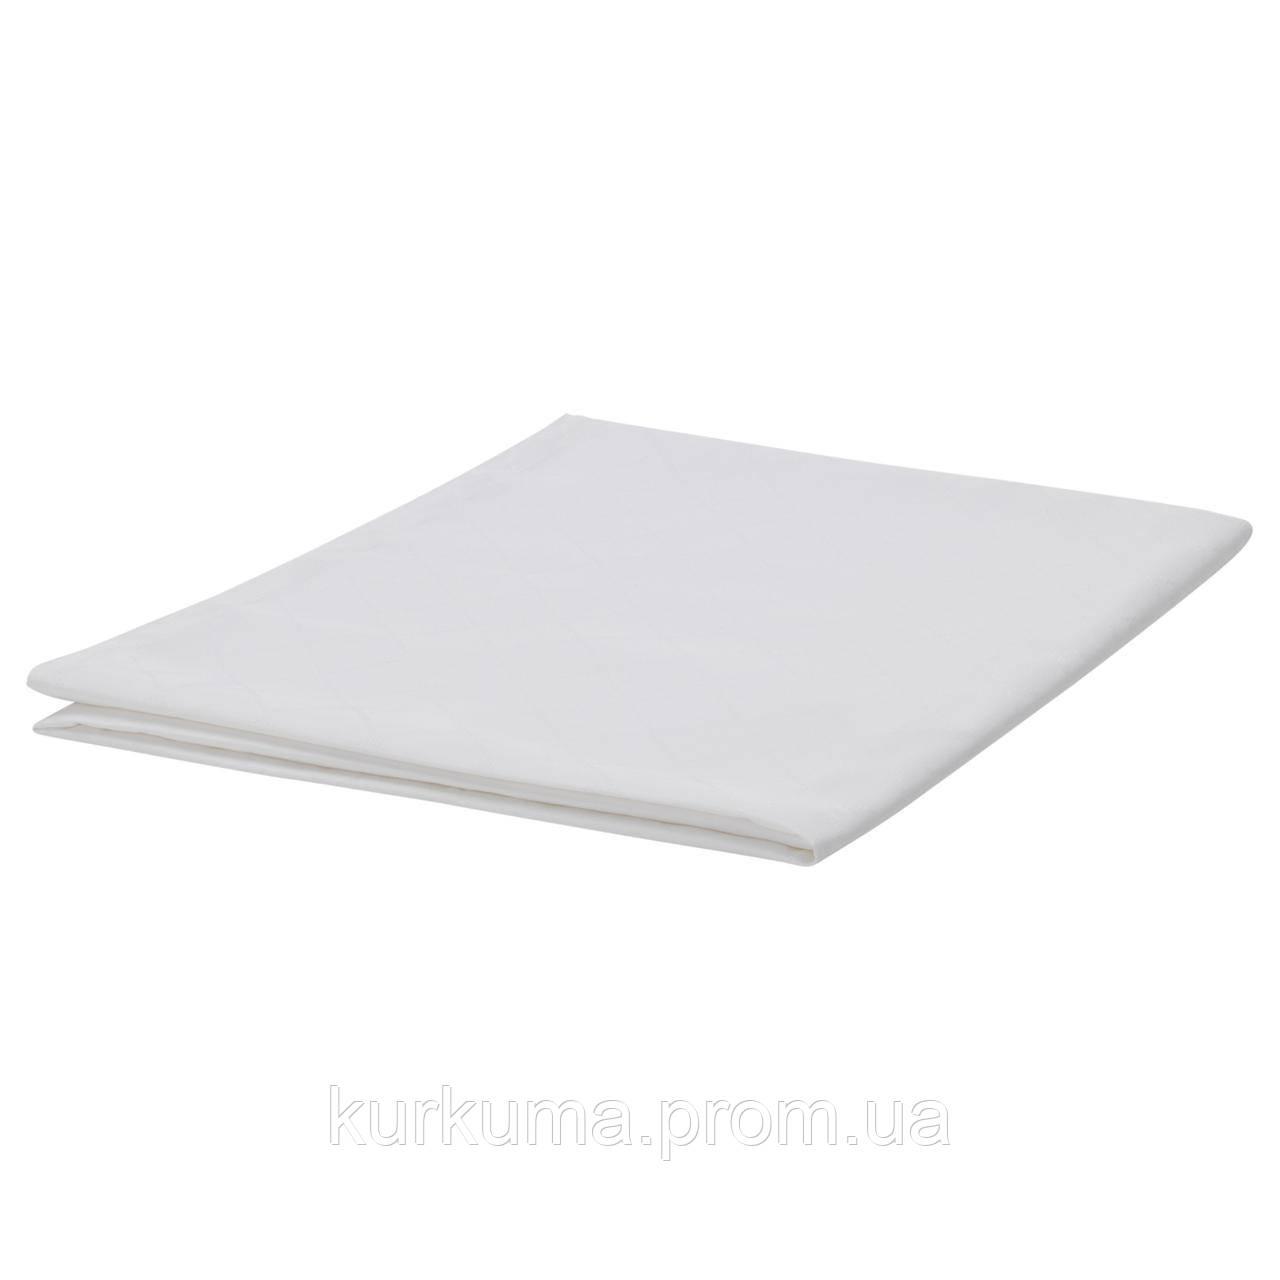 IKEA FULLKOMLIG Скатерть, белый  (103.430.45)